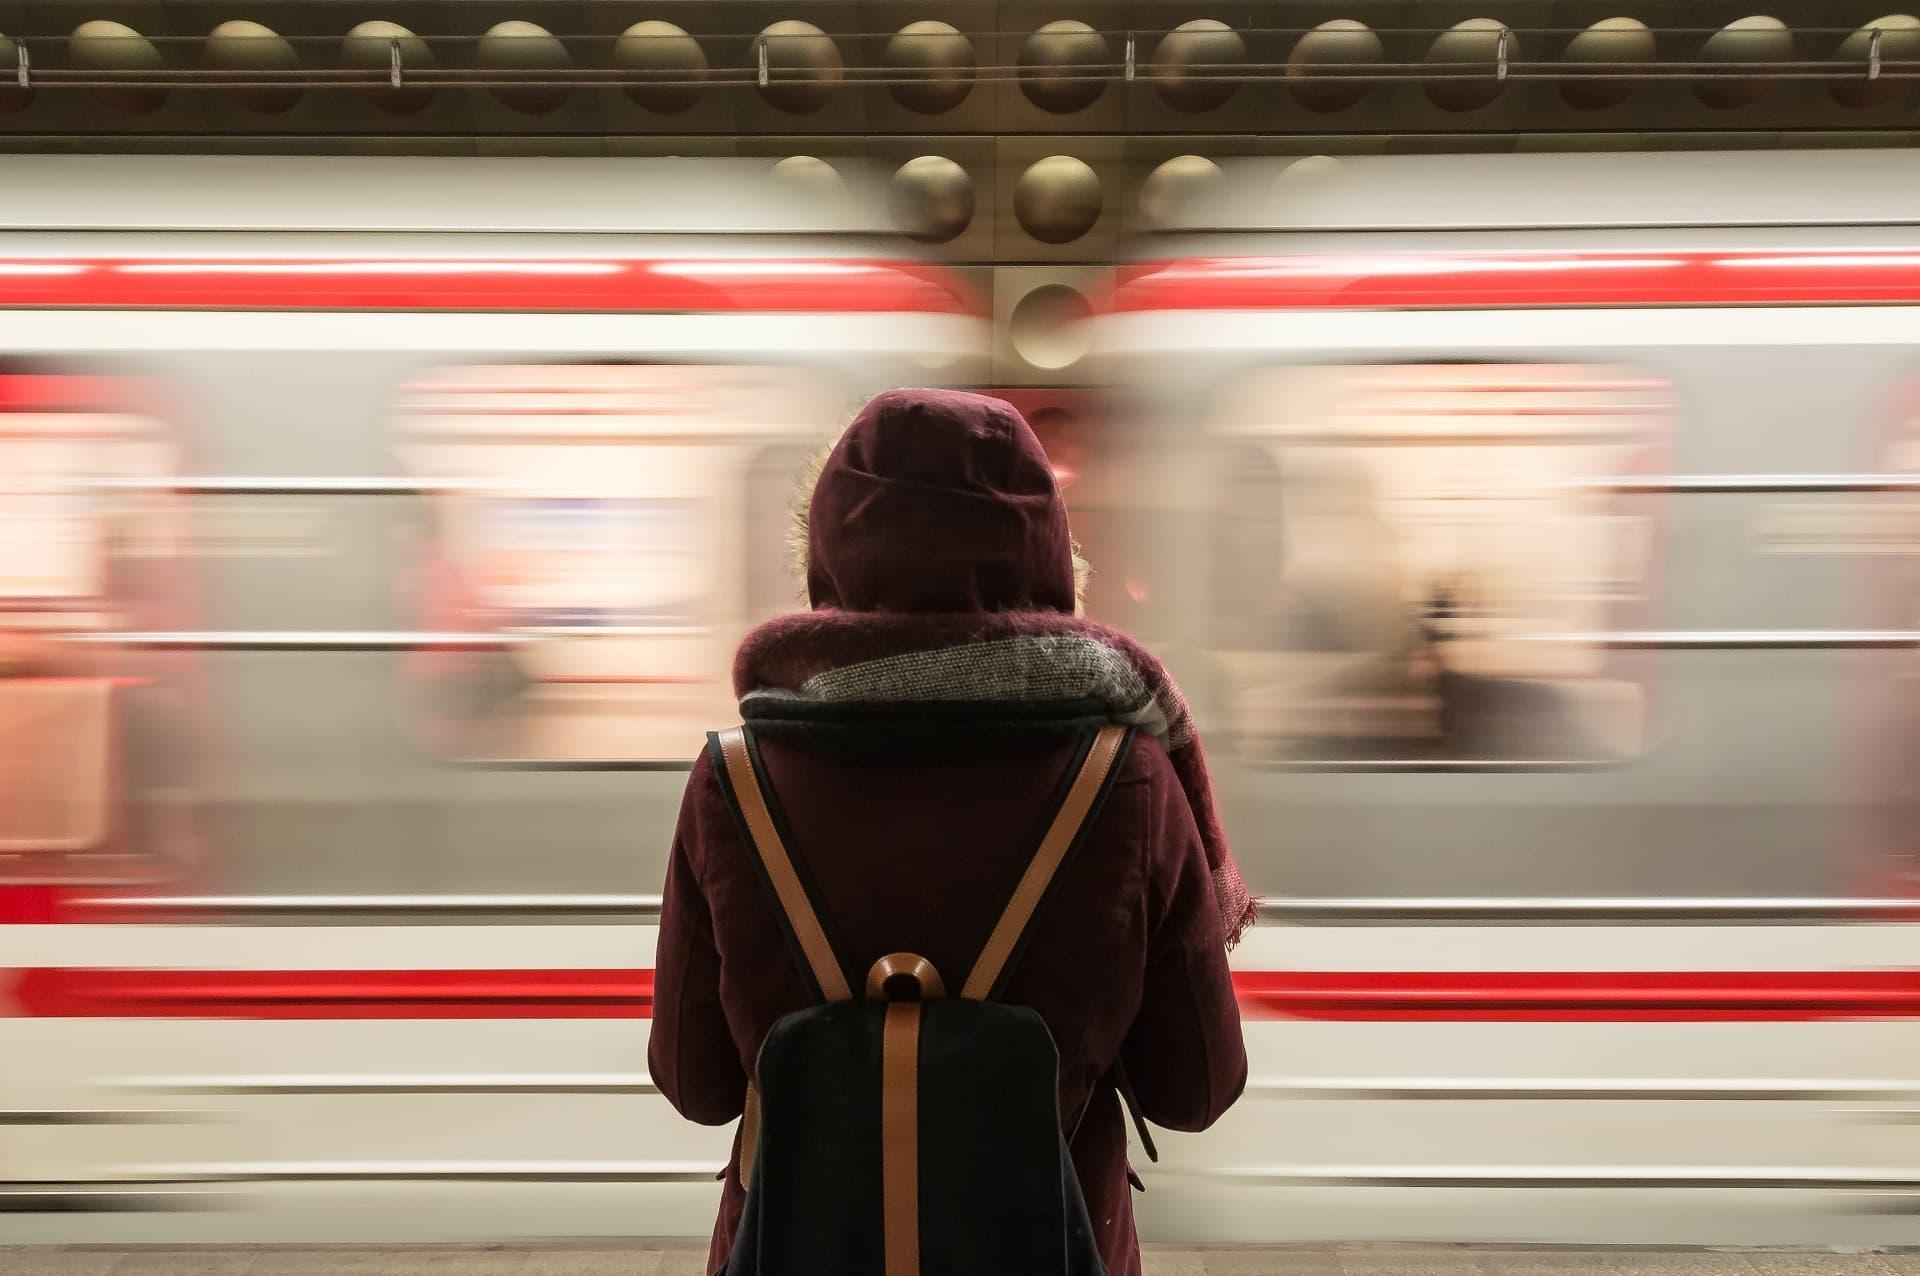 Person von hinten am Bahnsteig, im Hintergrund rauscht Zug vorbei